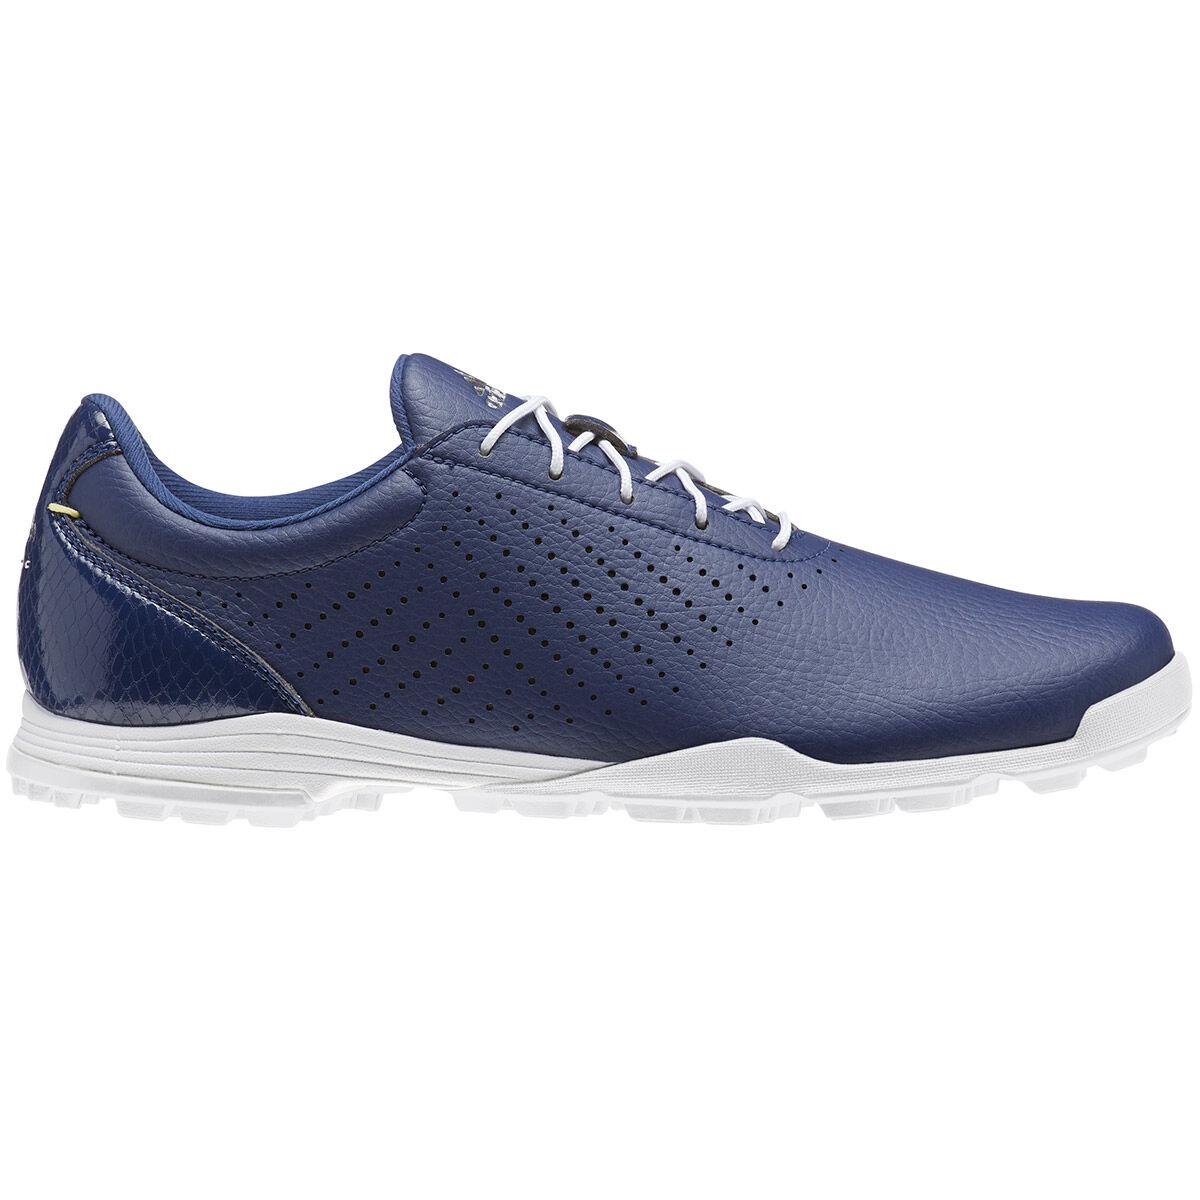 Spikeless Golf Shoes · American Golf